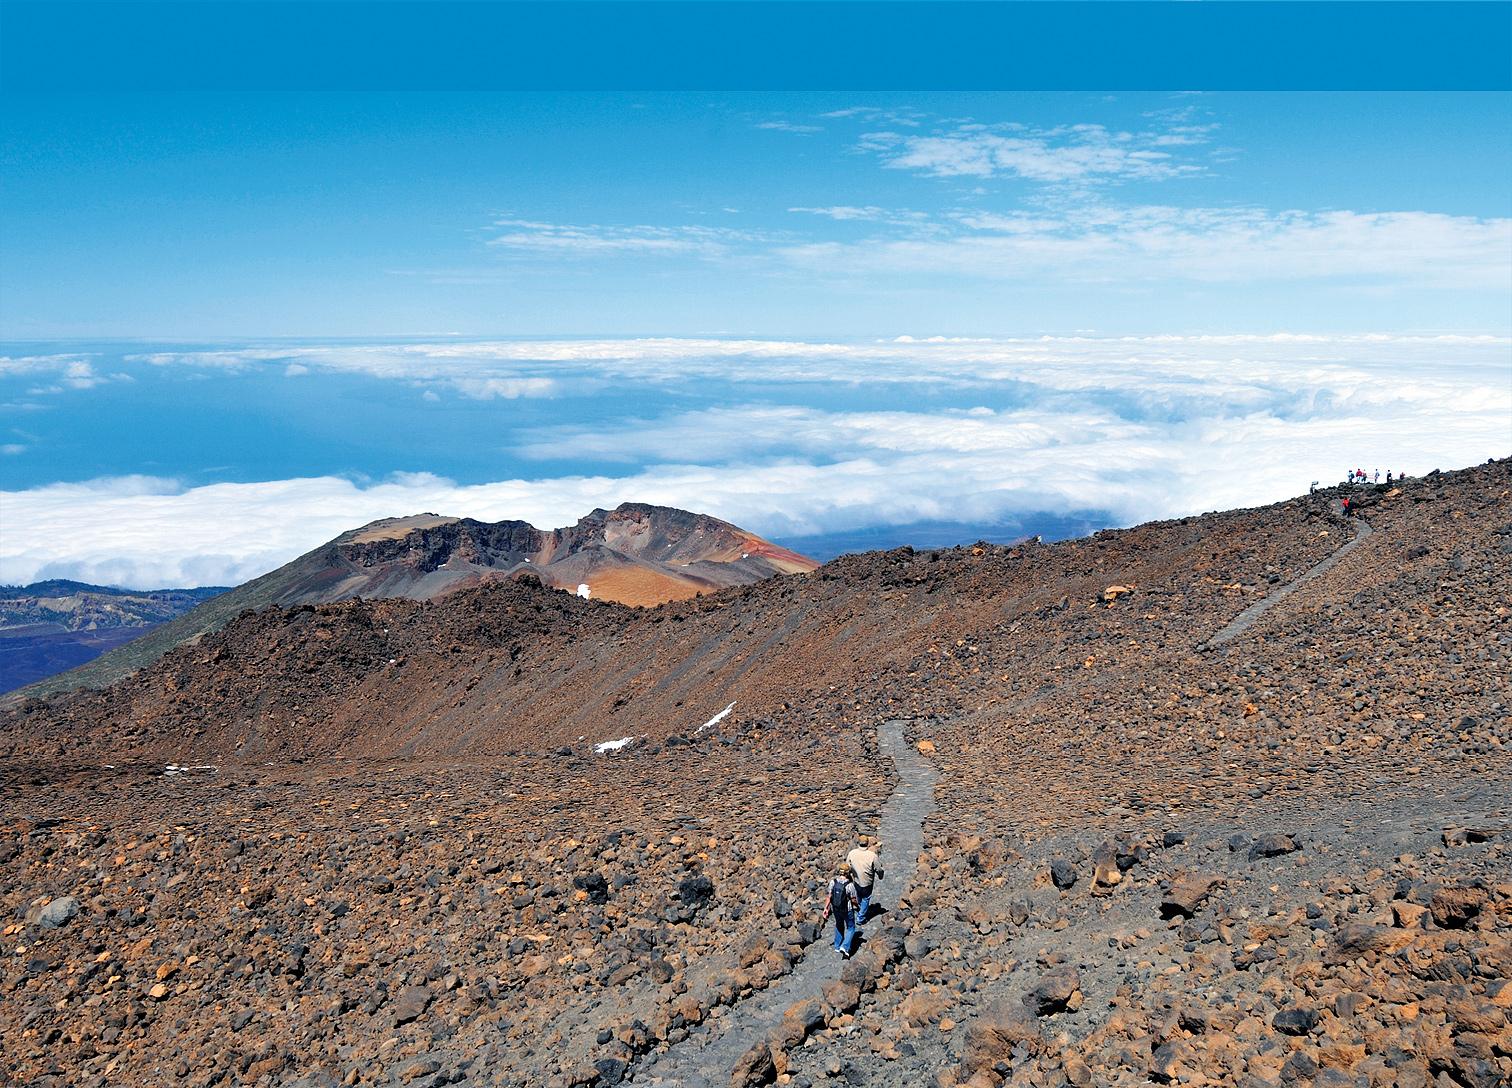 Alternative per salire a piedi sul Teide senza permesso